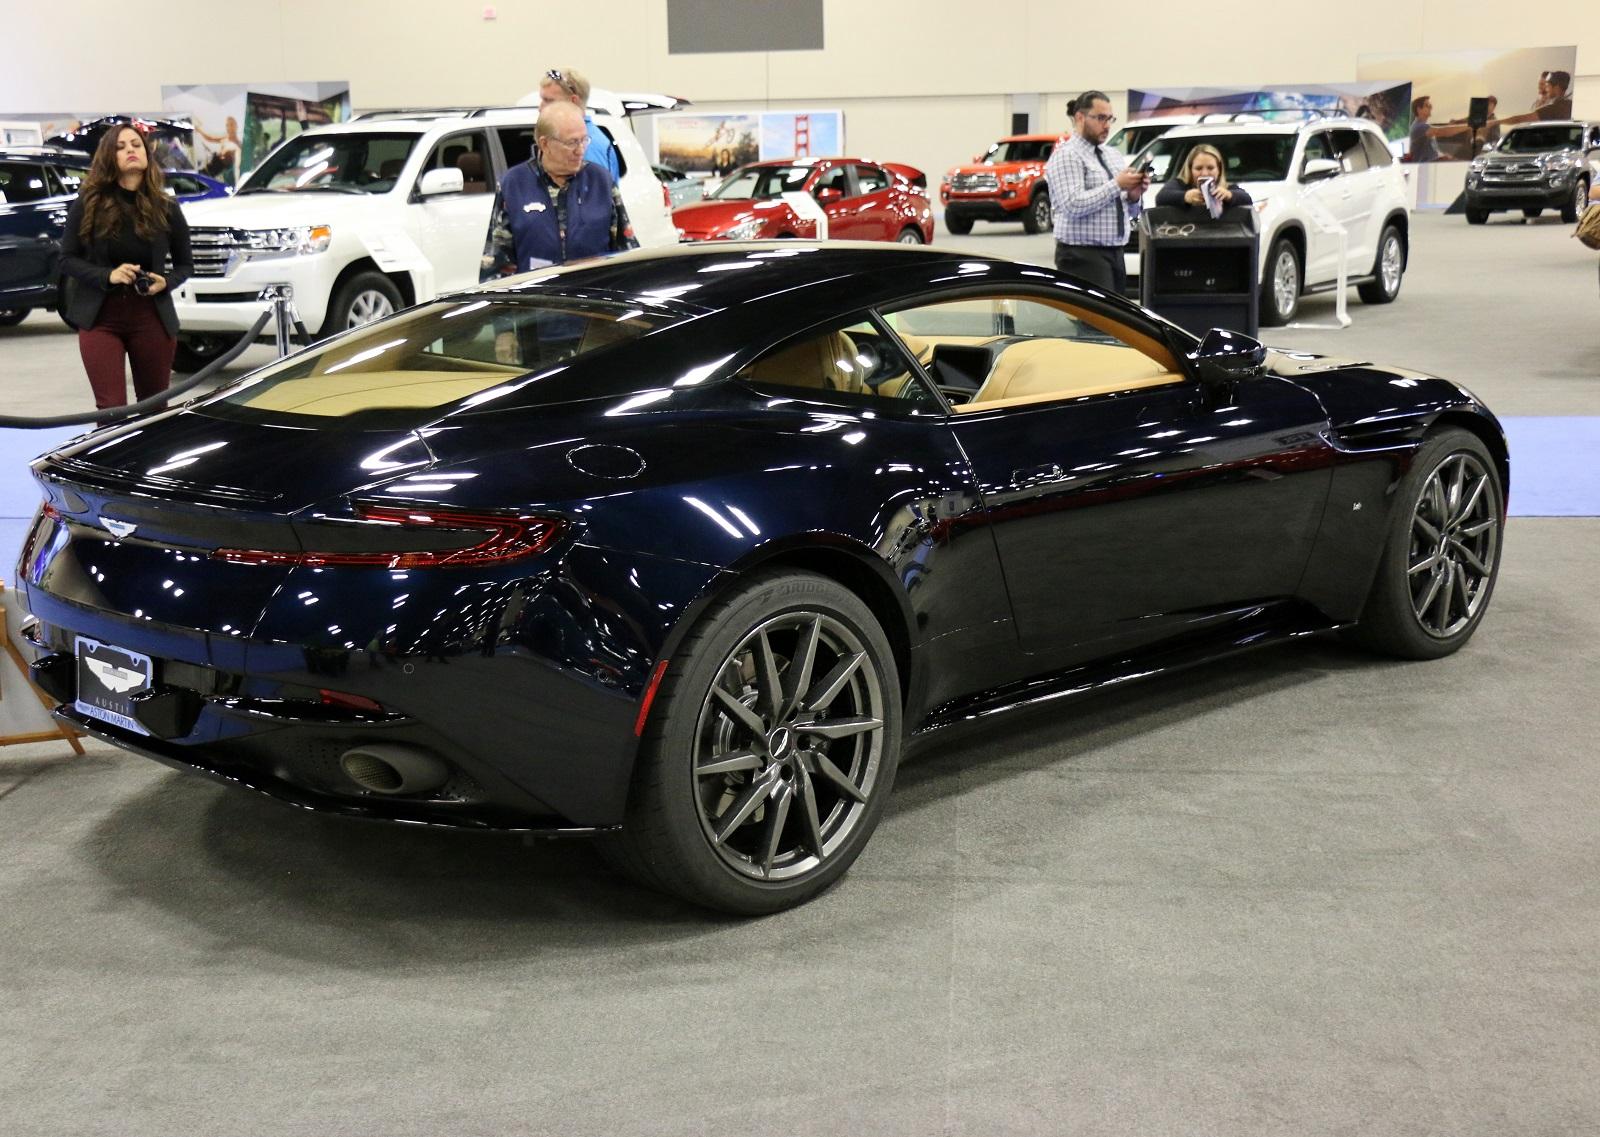 Gallery San Antonio Auto Show TeamSpeed - San antonio car show